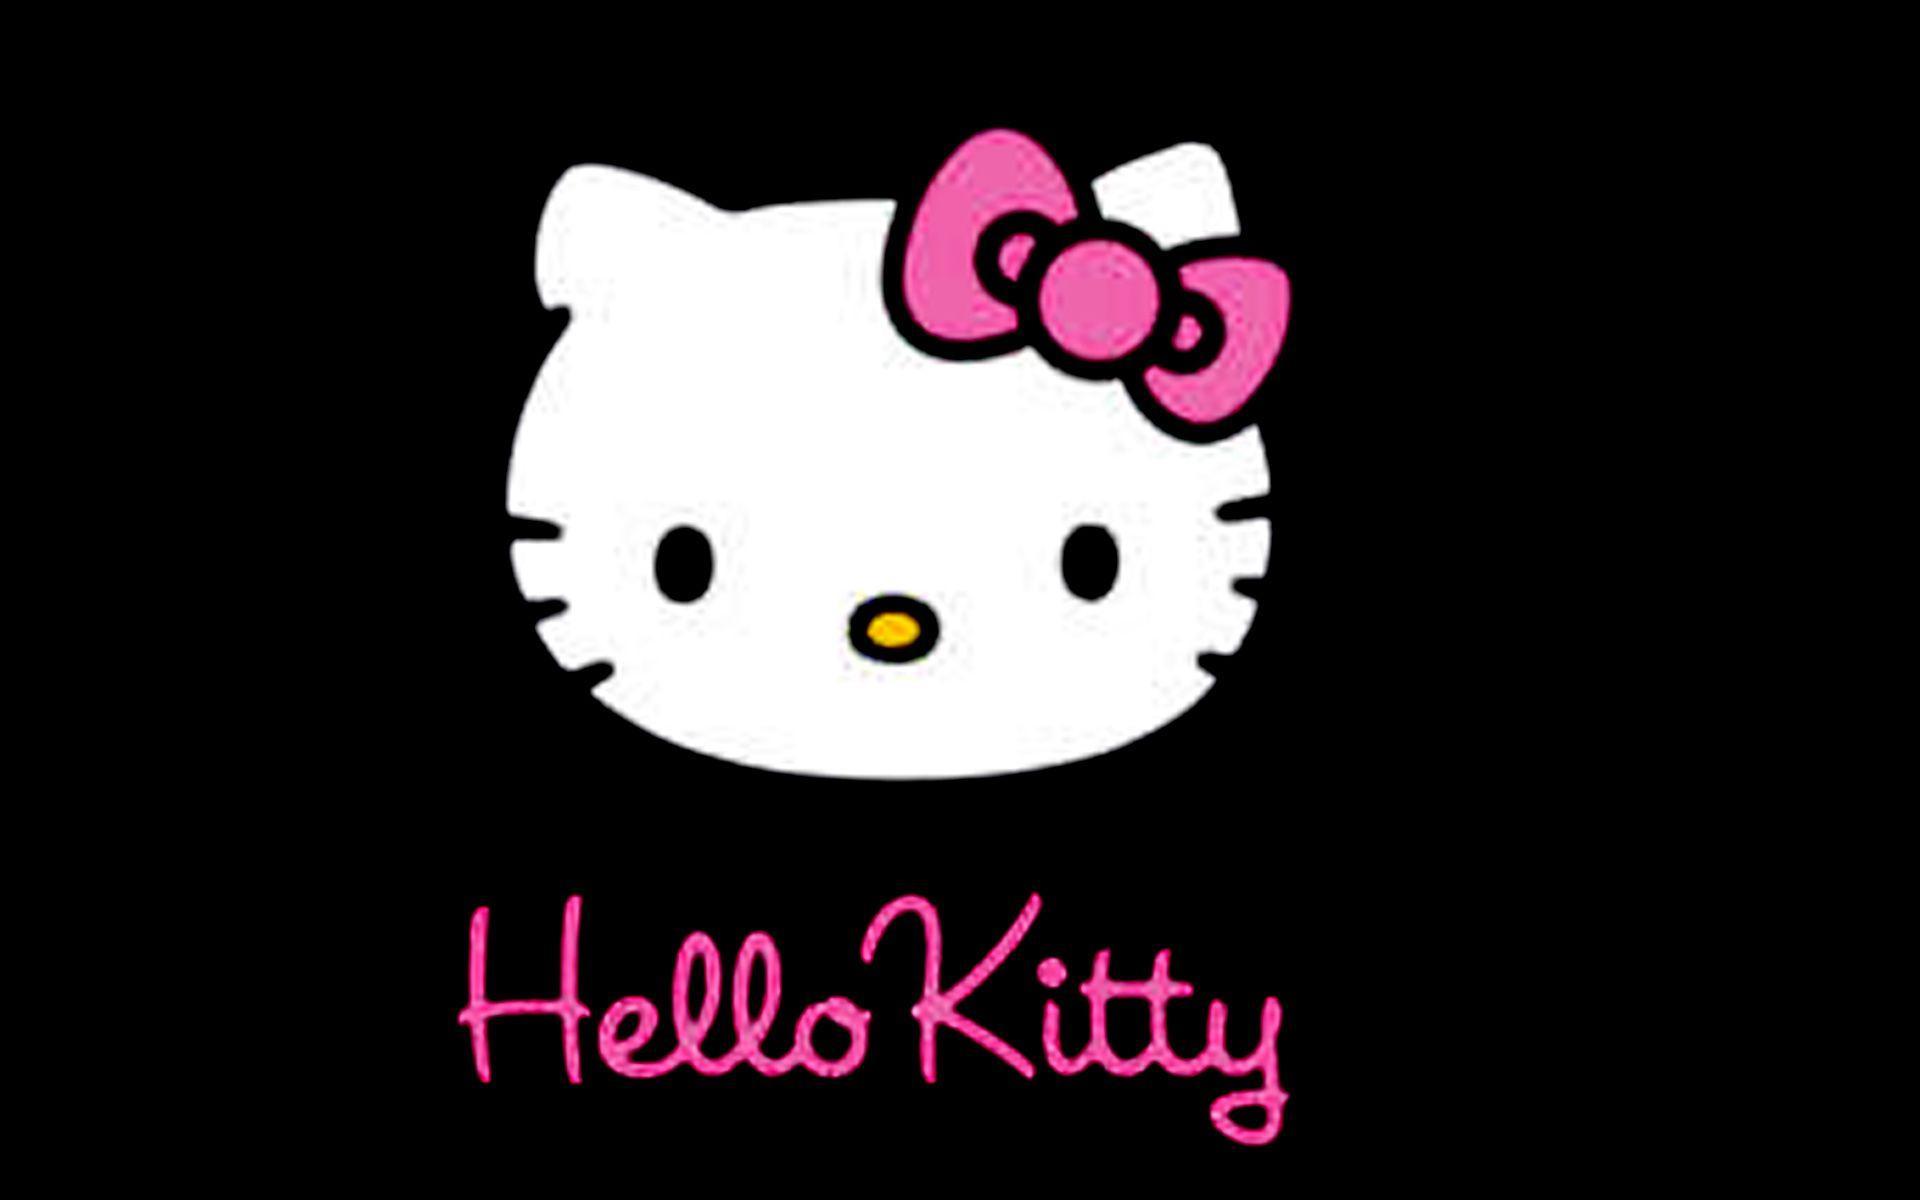 Kitty Hello zebra wallpaper